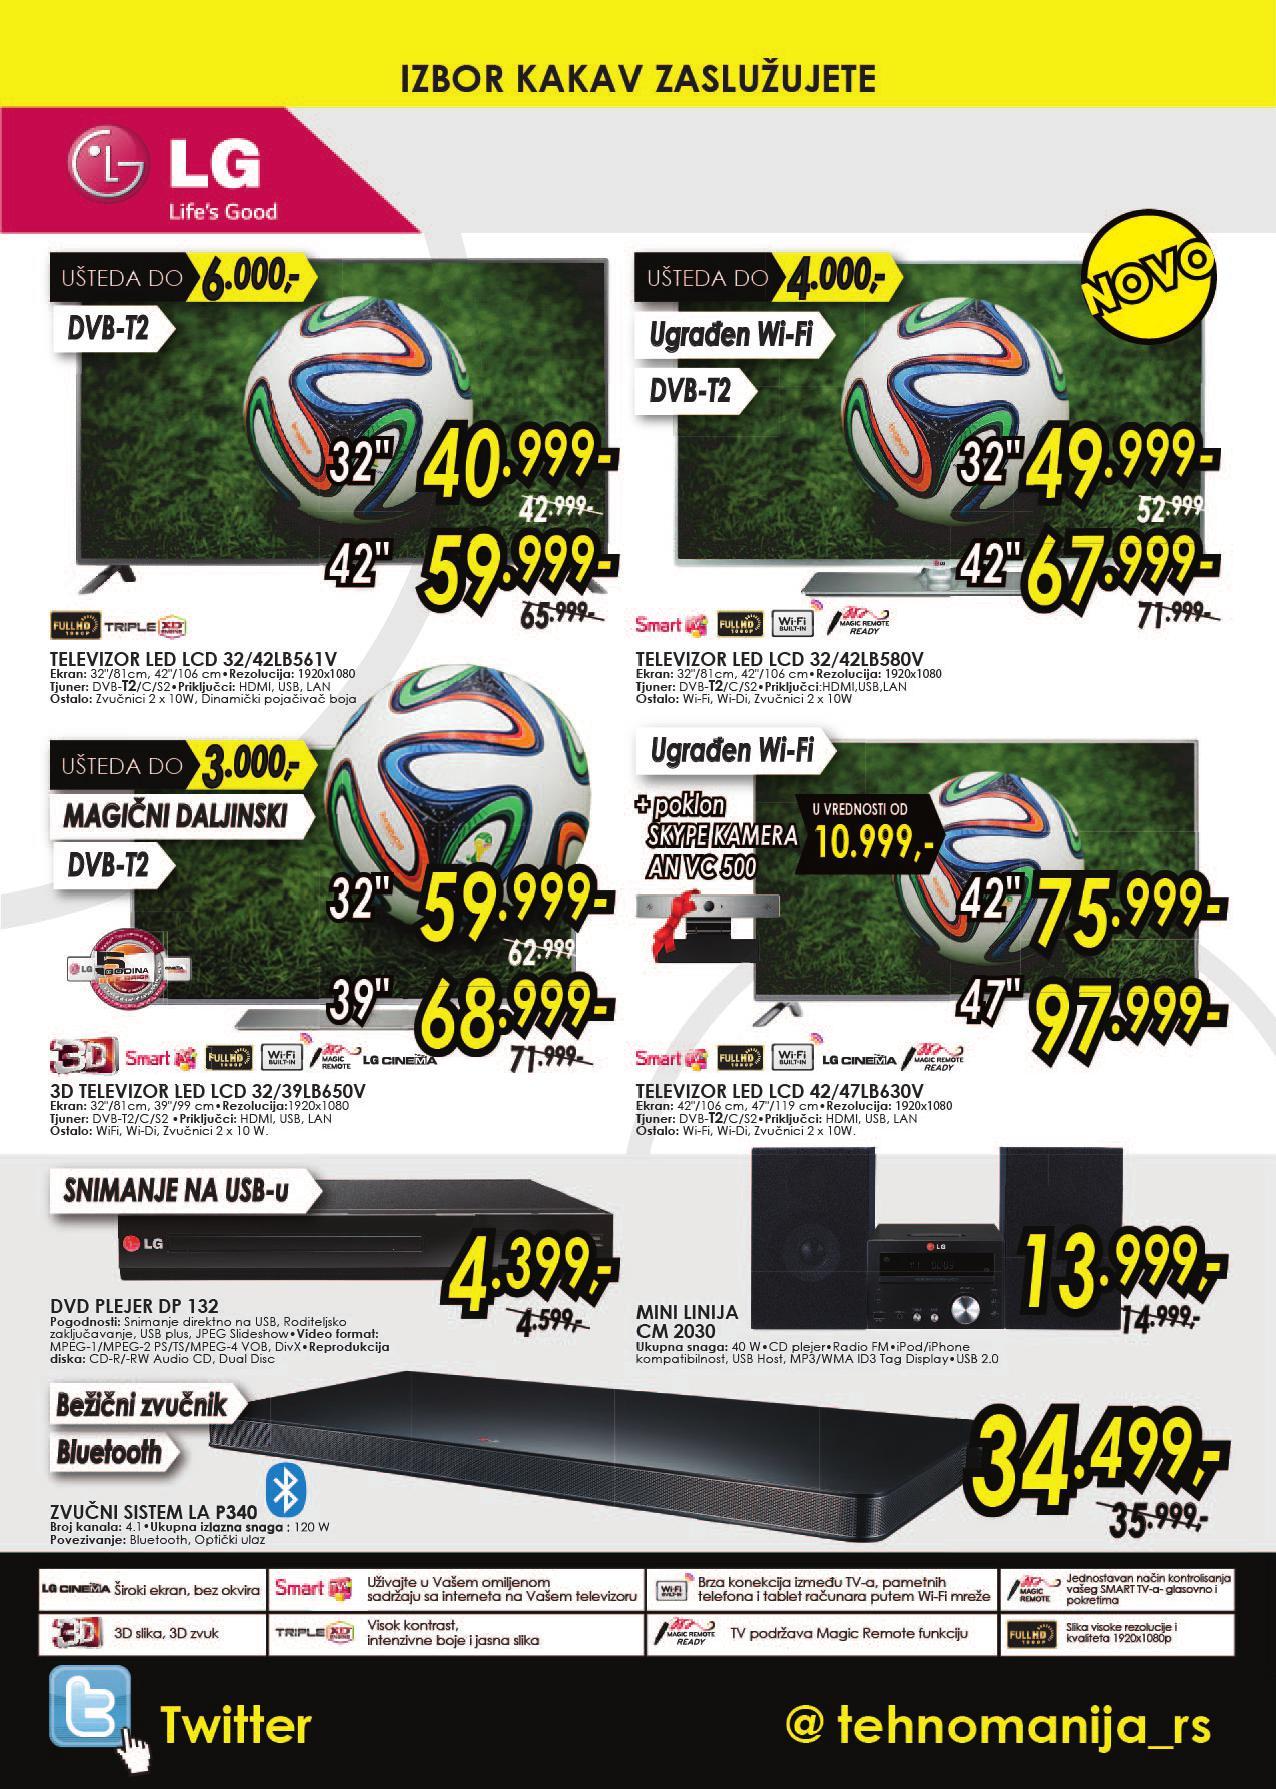 Tehnomanija akcija LG uređaji po super ceni